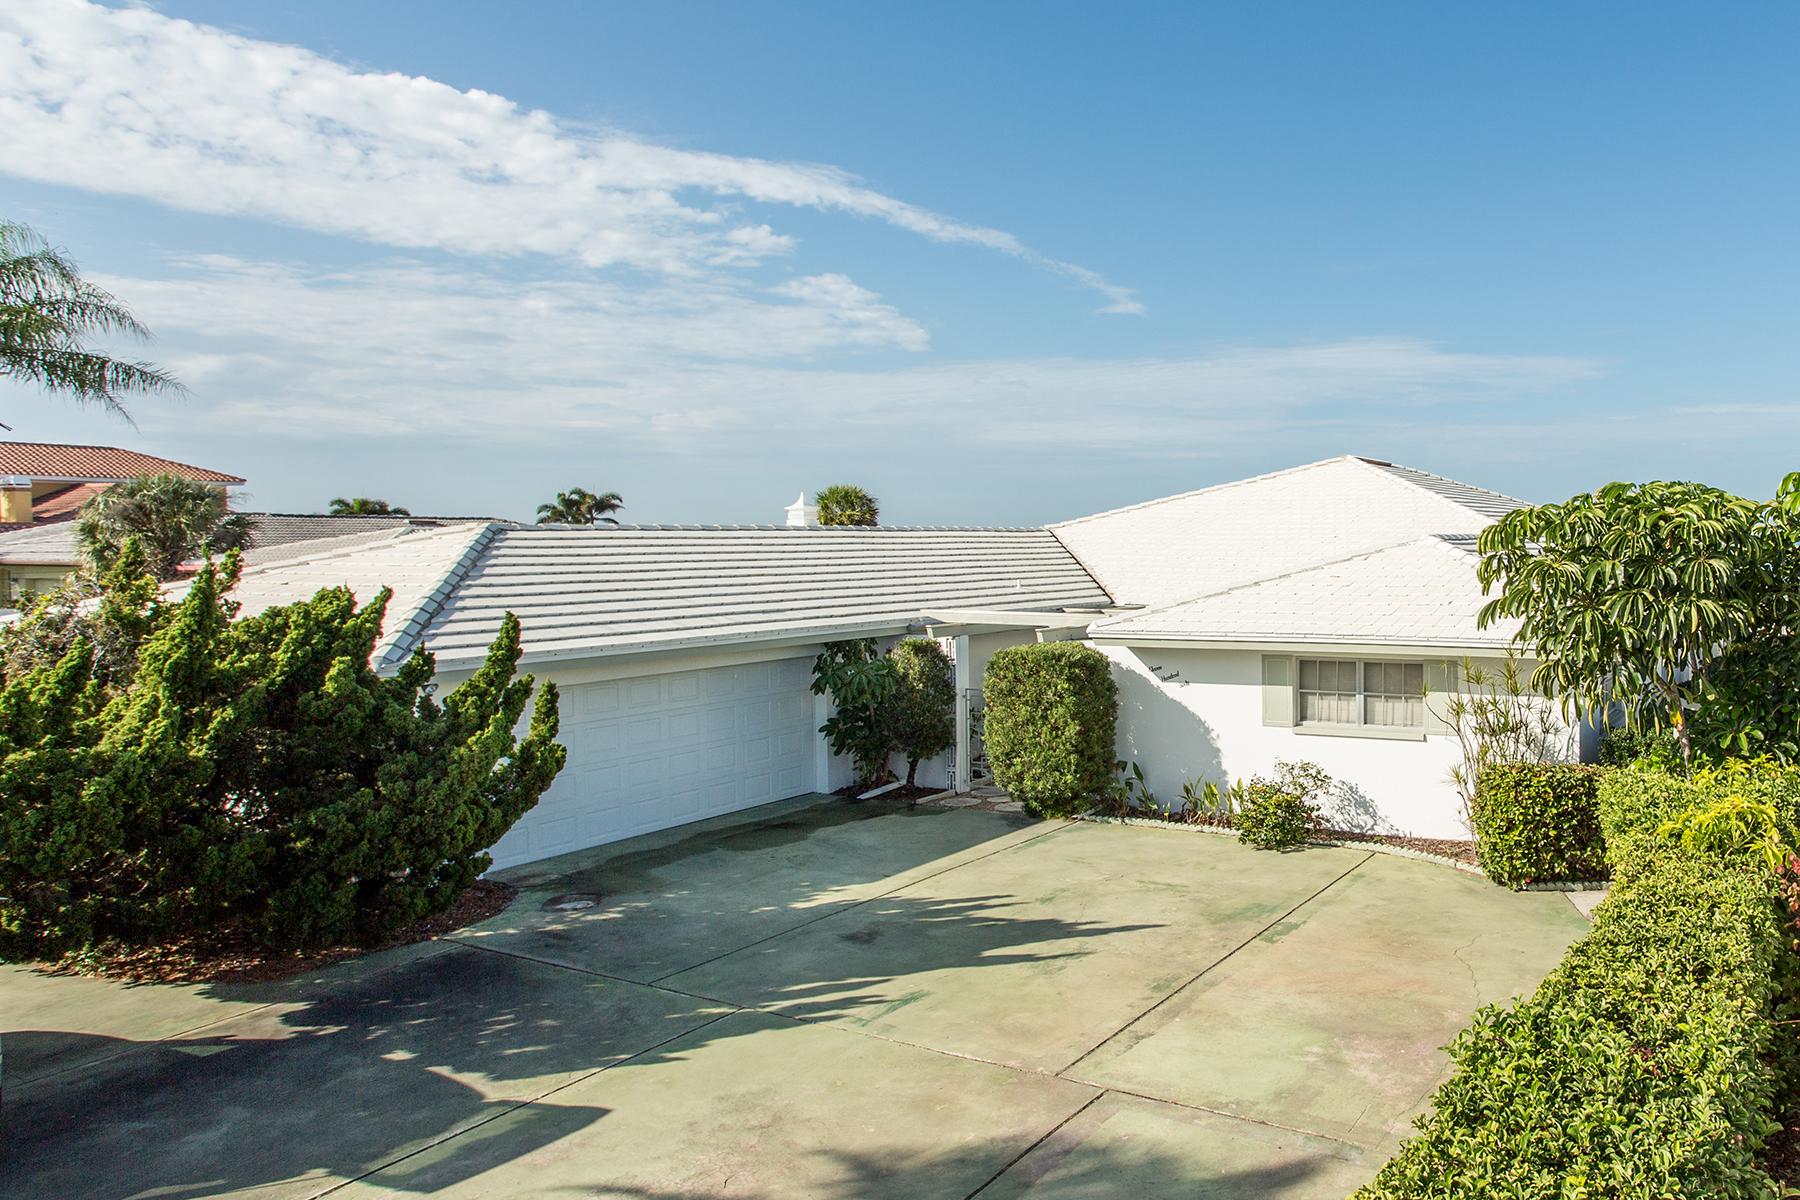 Maison unifamiliale pour l Vente à BELLEAIR BEACH 1160 Gulf Blvd Belleair Beach, Florida, 33786 États-Unis